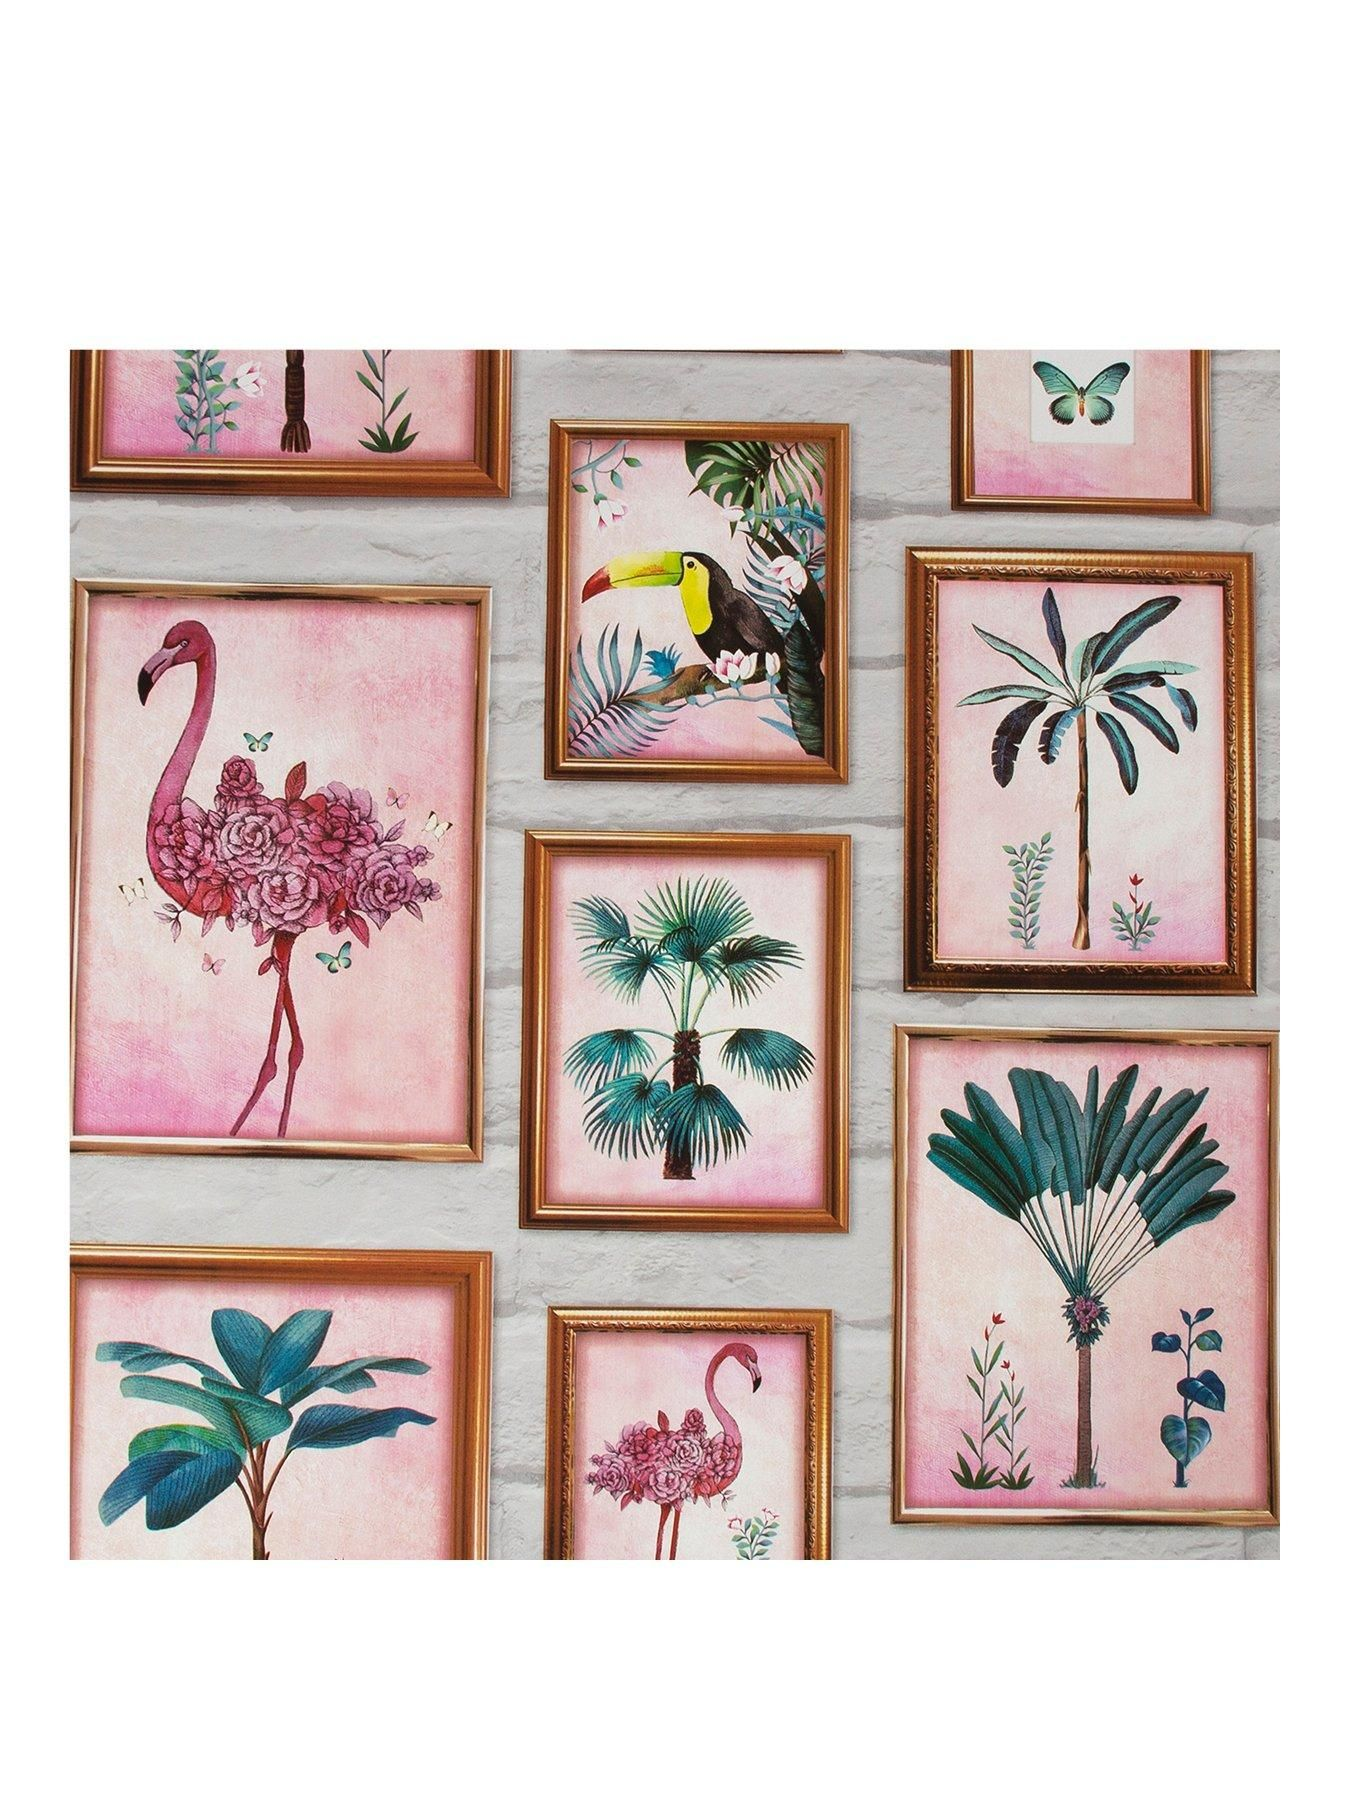 Tropical Frames Wallpaper in 2020 Framed wallpaper